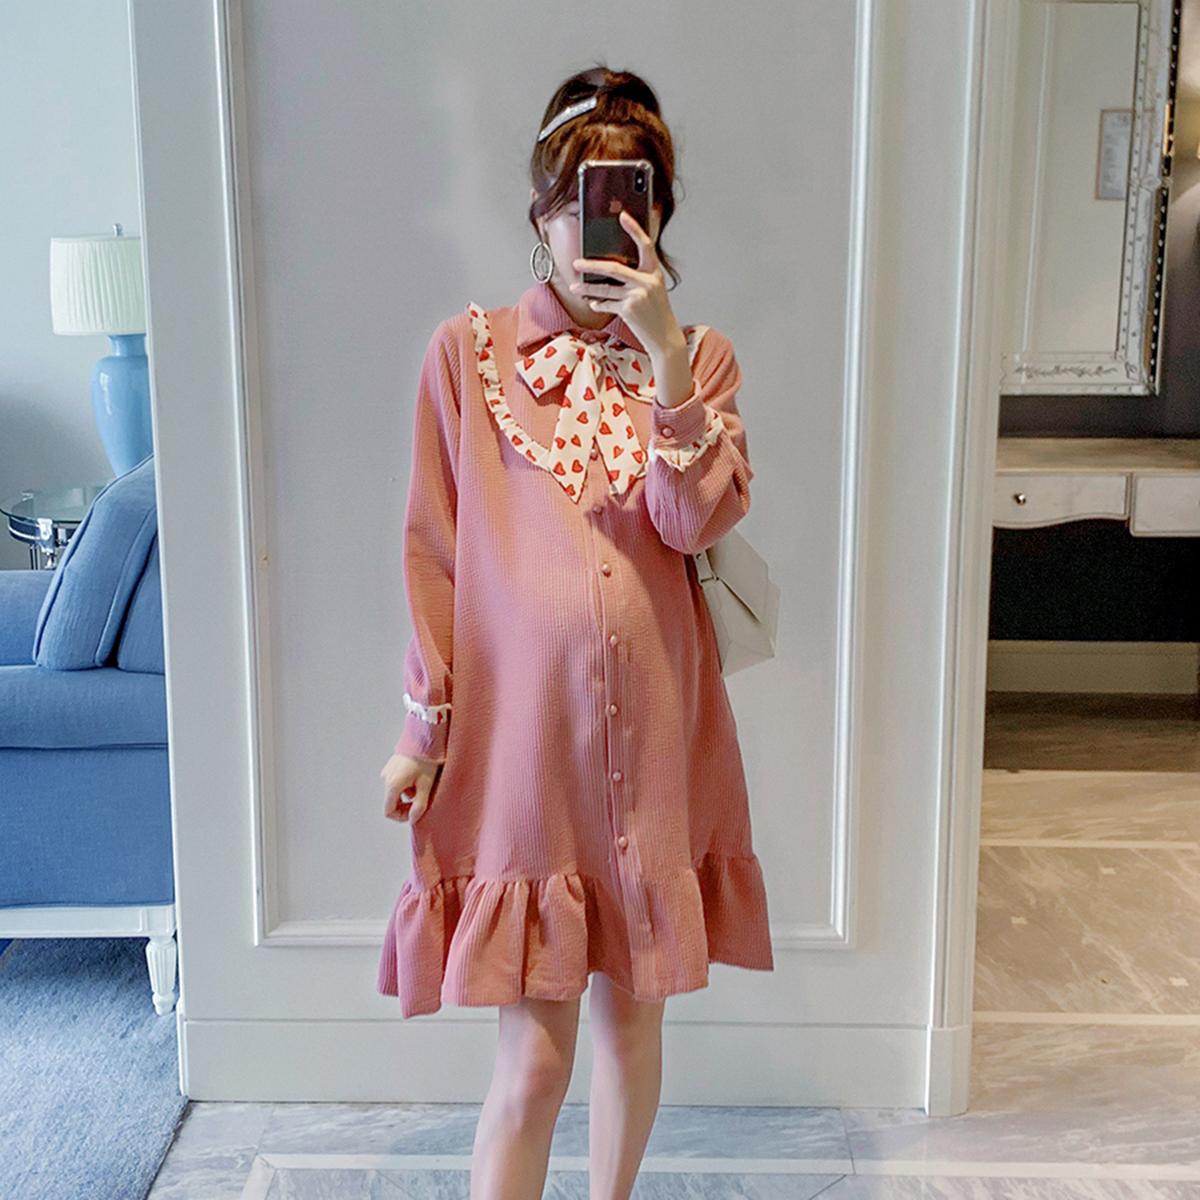 孕妇装秋装连衣裙新款时尚宽松韩版潮妈个性中长款仙女超仙鱼尾裙